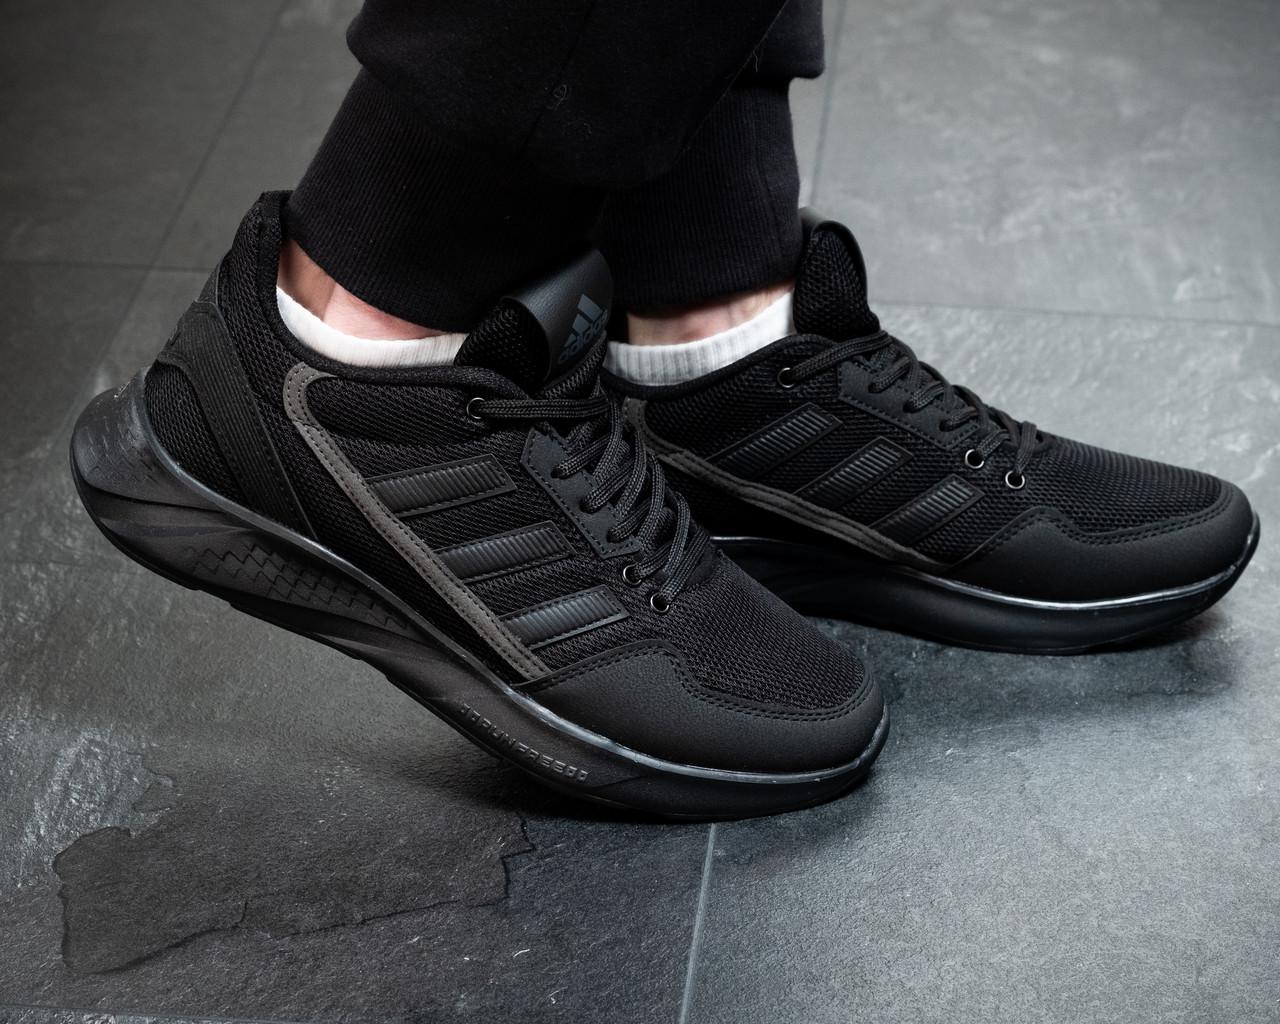 Мужские кроссовки Adidas Черные Сетка, Реплика